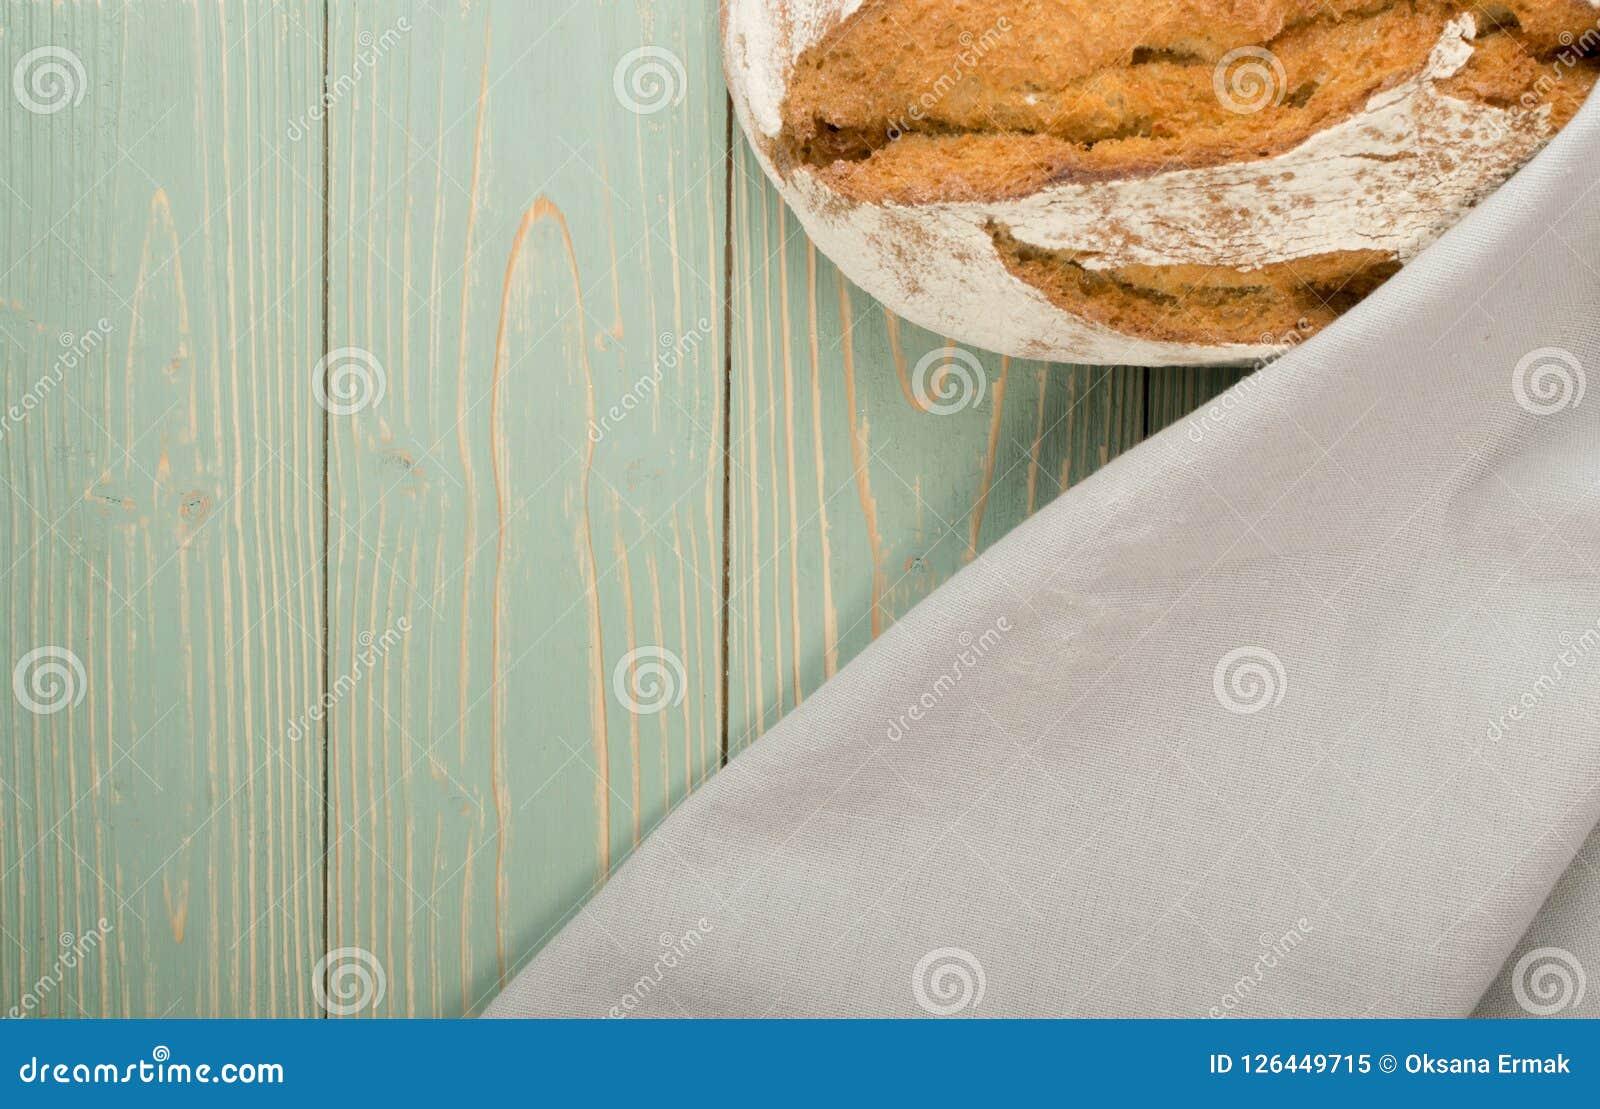 Pão tradicional recentemente cozido no fundo rústico Foto de Stock Royalty Free